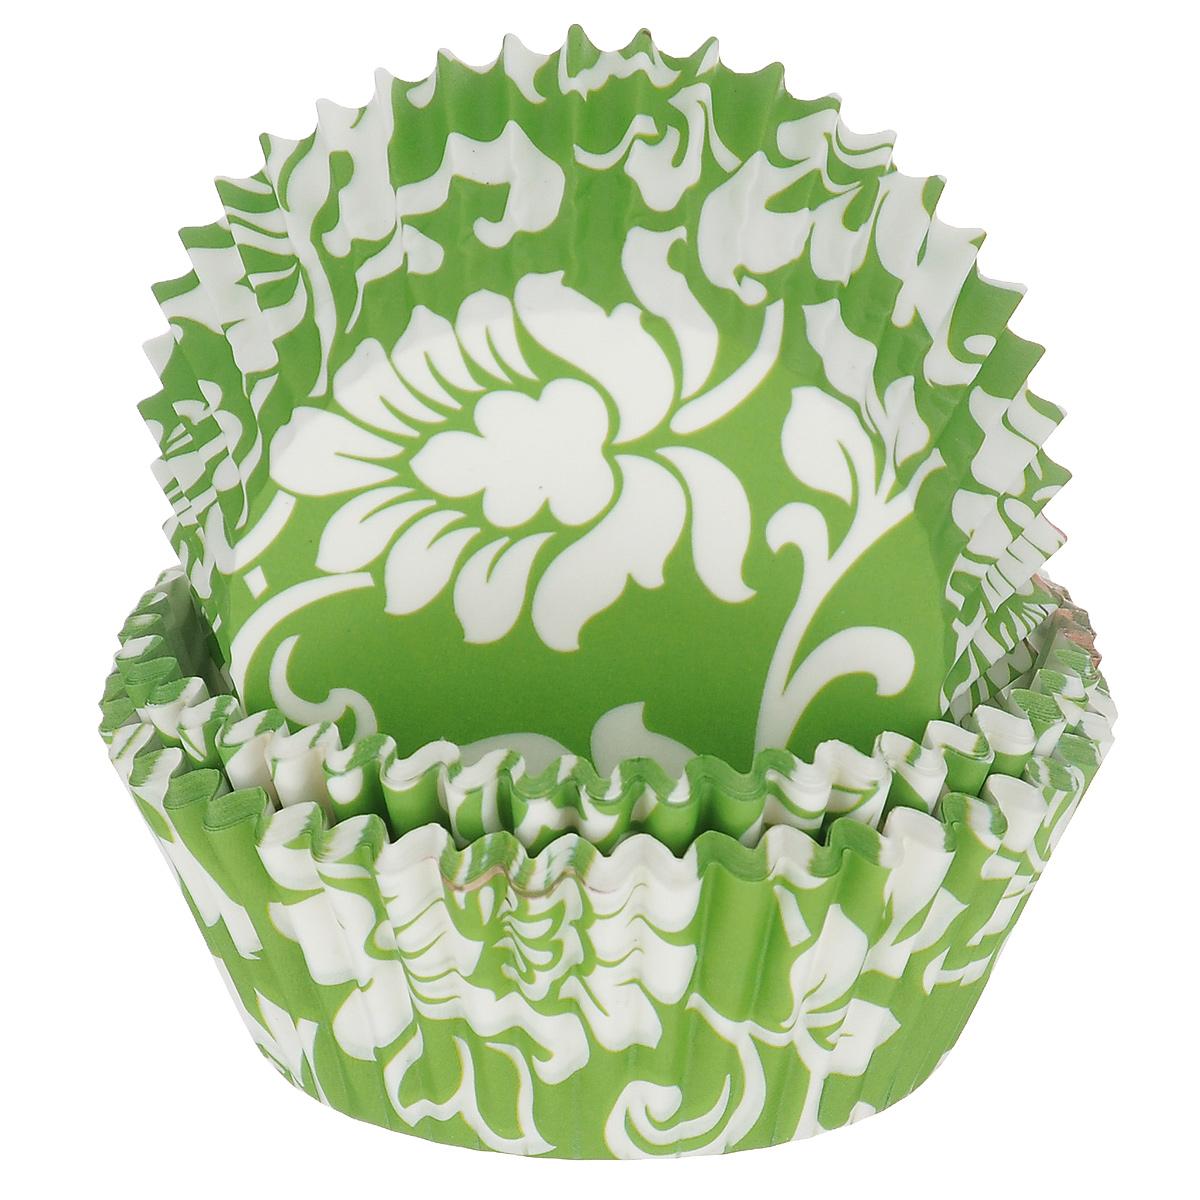 Набор бумажных форм для кексов Dolce Arti Цветочный узор, цвет: зеленый, белый, диаметр дна 5 см, 50 шт54 009312Набор Dolce Arti Цветочный узор состоит из 50 бумажных форм для кексов, оформленных цветочным узором. Они предназначены для выпечки и упаковки кондитерских изделий, также могут использоваться для сервировки орешков, конфет и много другого. Для одноразового применения. Гофрированные бумажные формы идеальны для выпечки кексов, булочек и пирожных.Высота стенки: 3 см. Диаметр по верхнему краю: 7 см.Диаметр дна: 5 см.